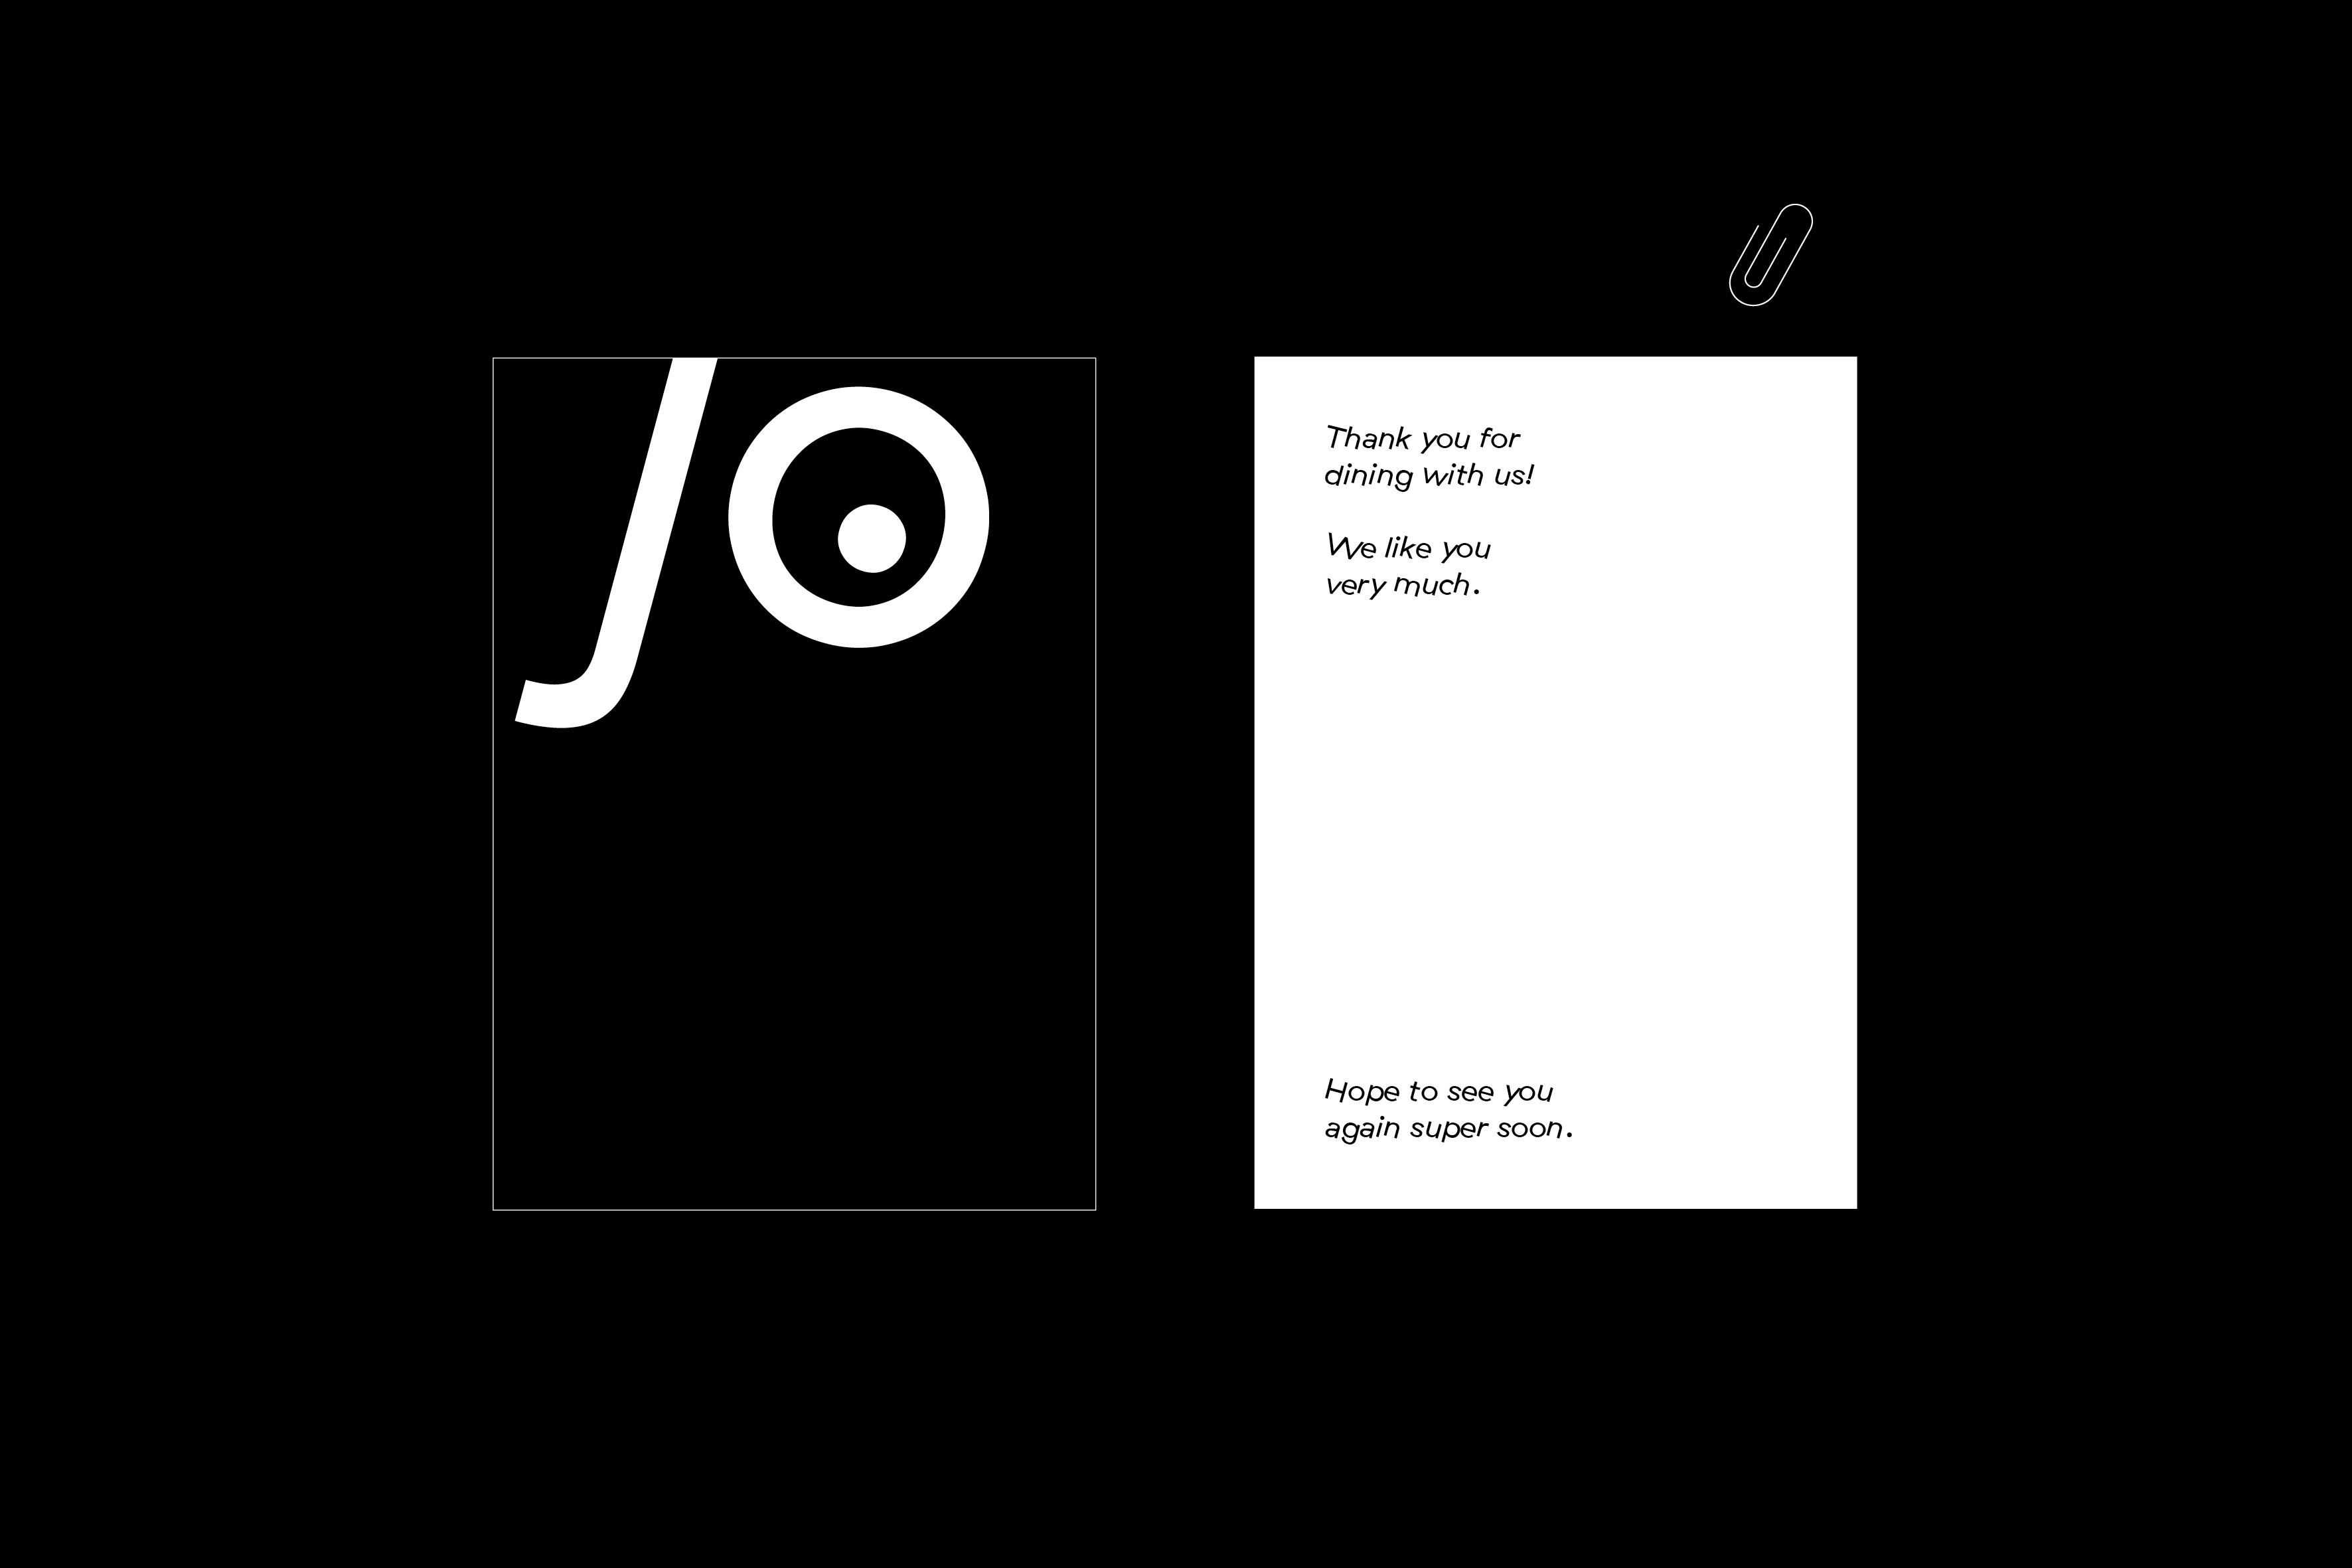 pjolter_visuals8